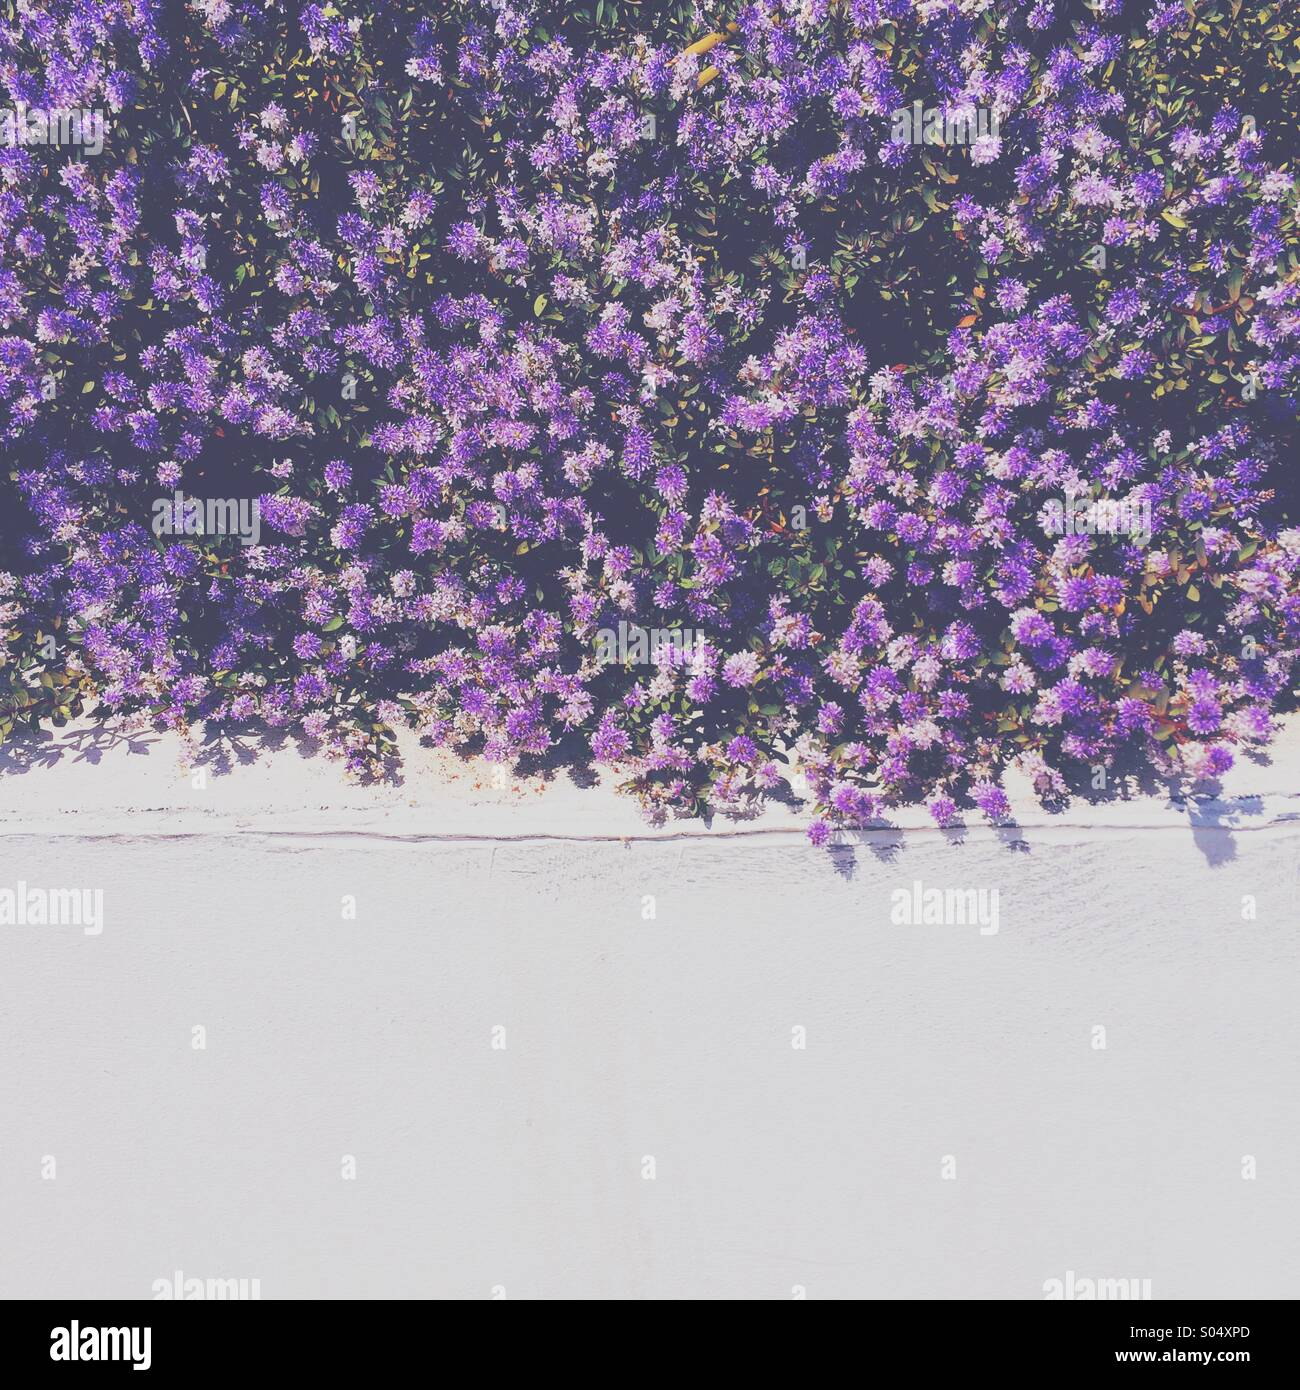 Fleurs violettes surplombant mur blanc Photo Stock